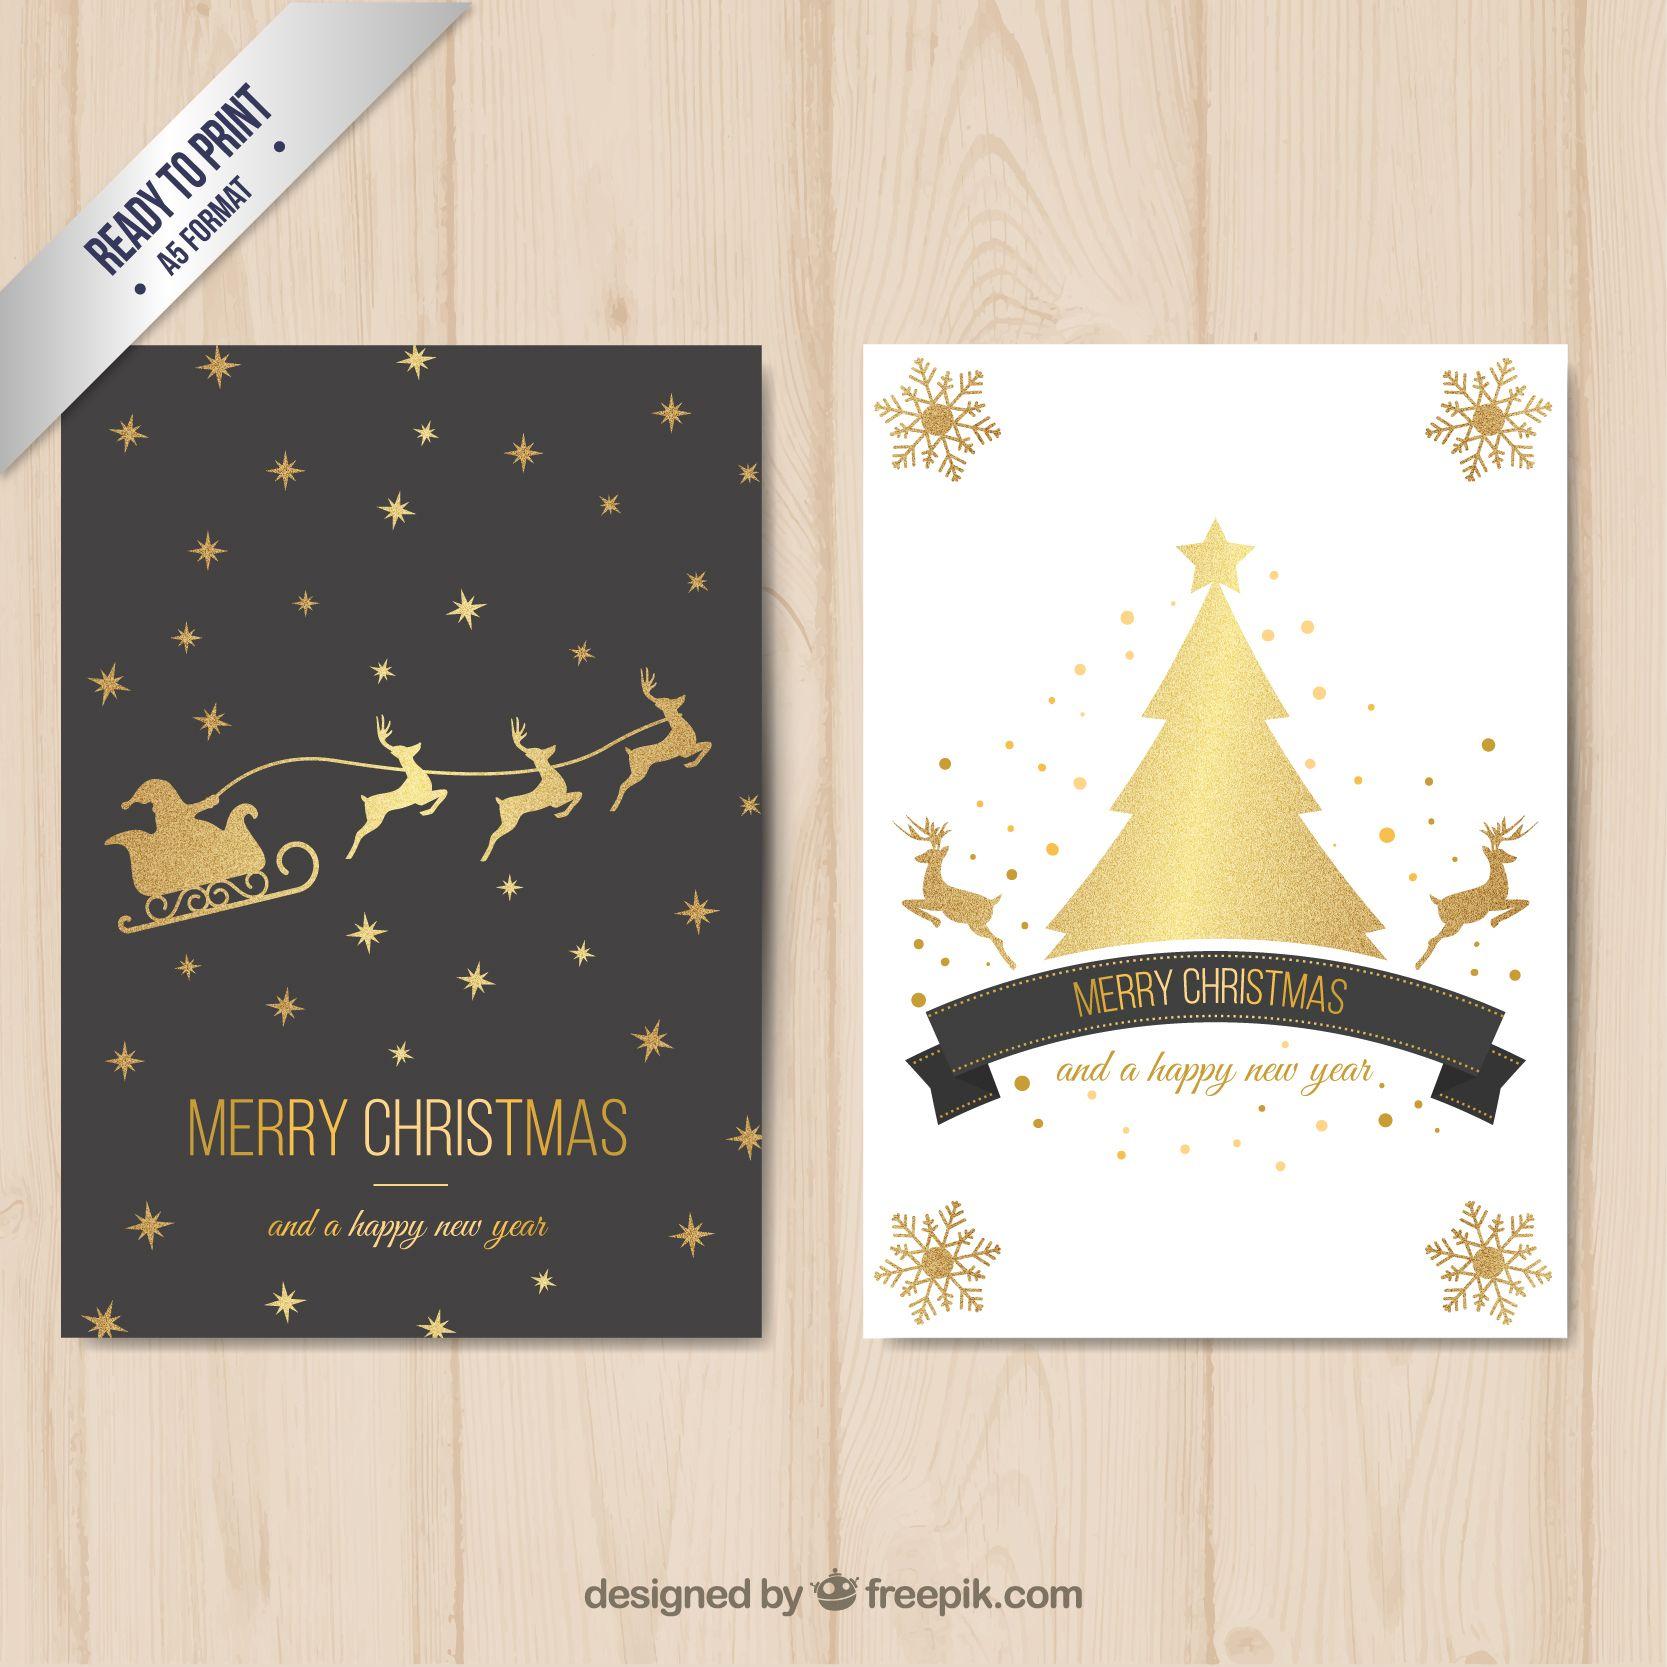 3 Biglietti Auguri Di Natale Da Stampare Gratis Natale